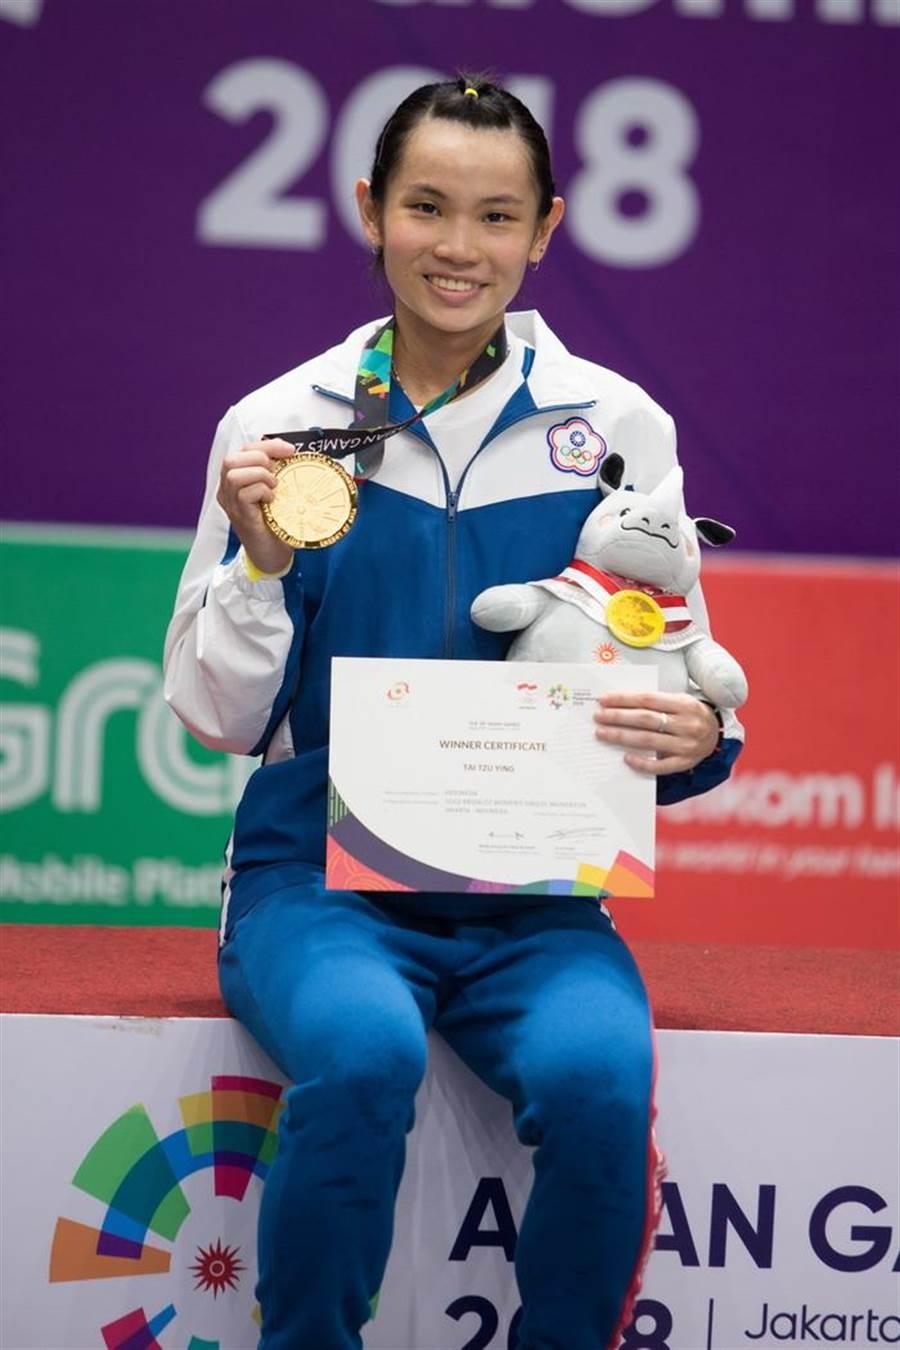 戴資穎強調自己拿下亞運金牌,希望能在台灣更加重視羽球。(杜宜諳攝)